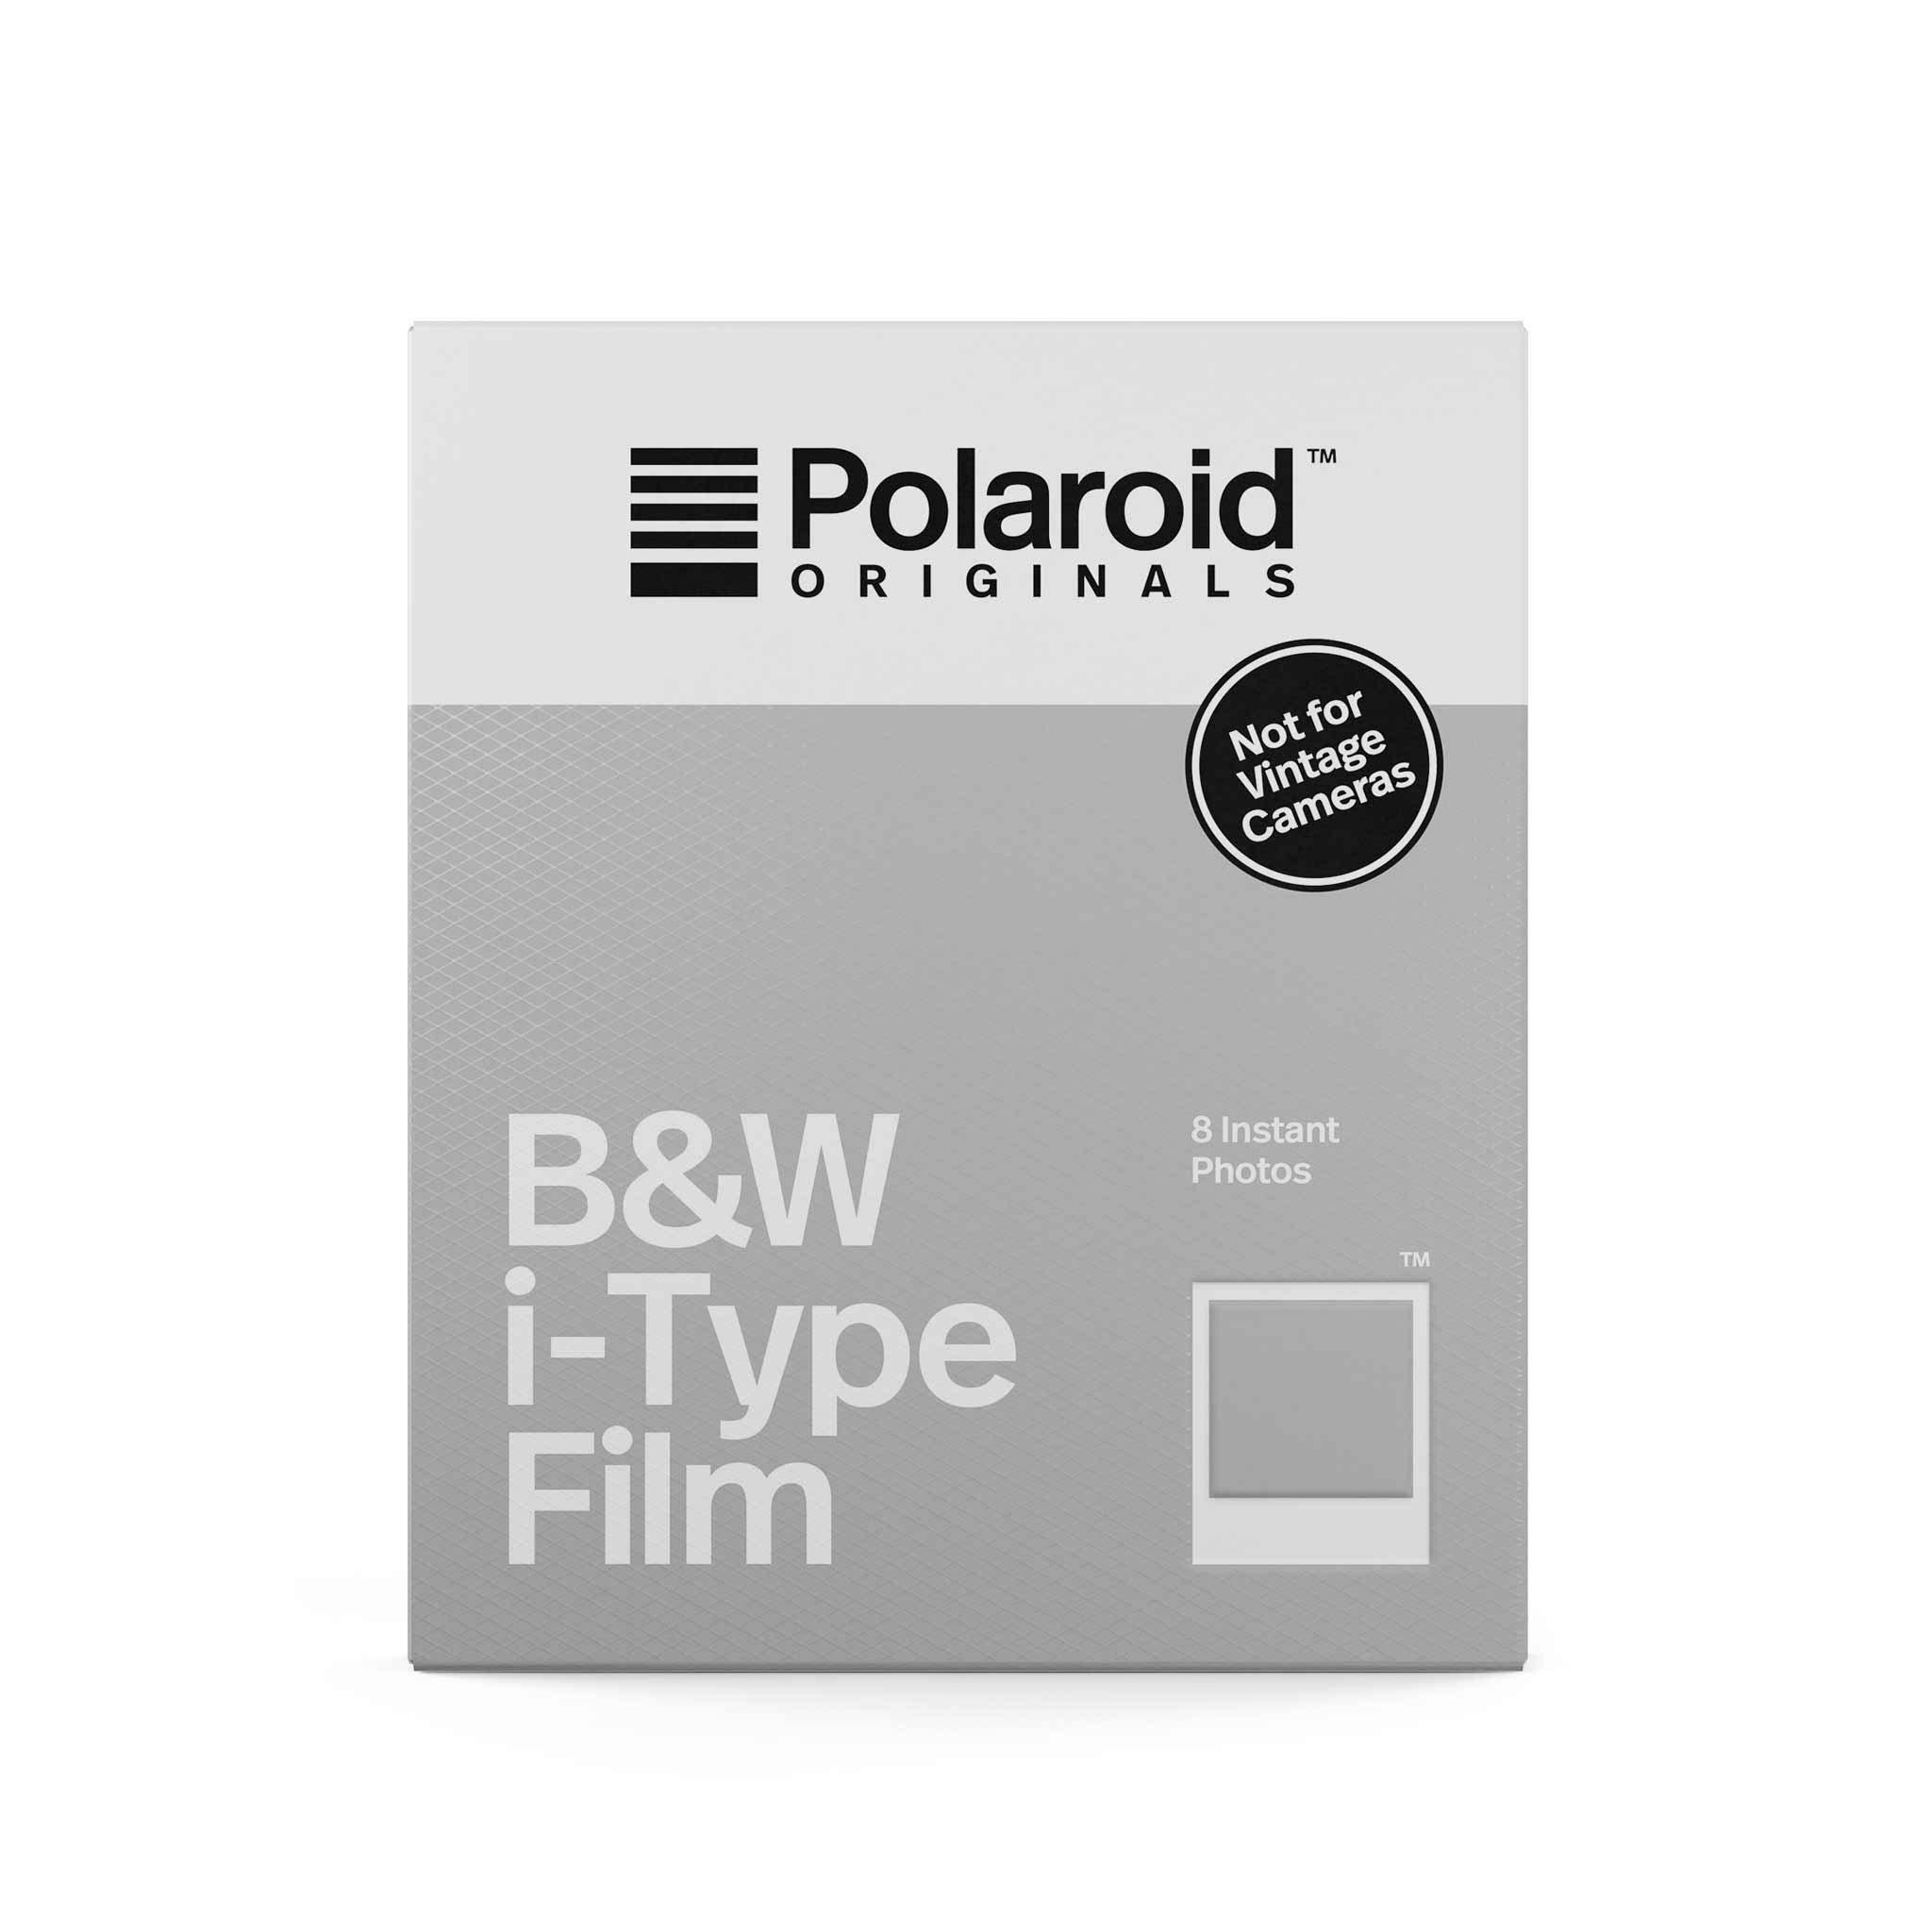 Papier photo instantané noir et blanc Polaroid 8 feuilles pour i-Type